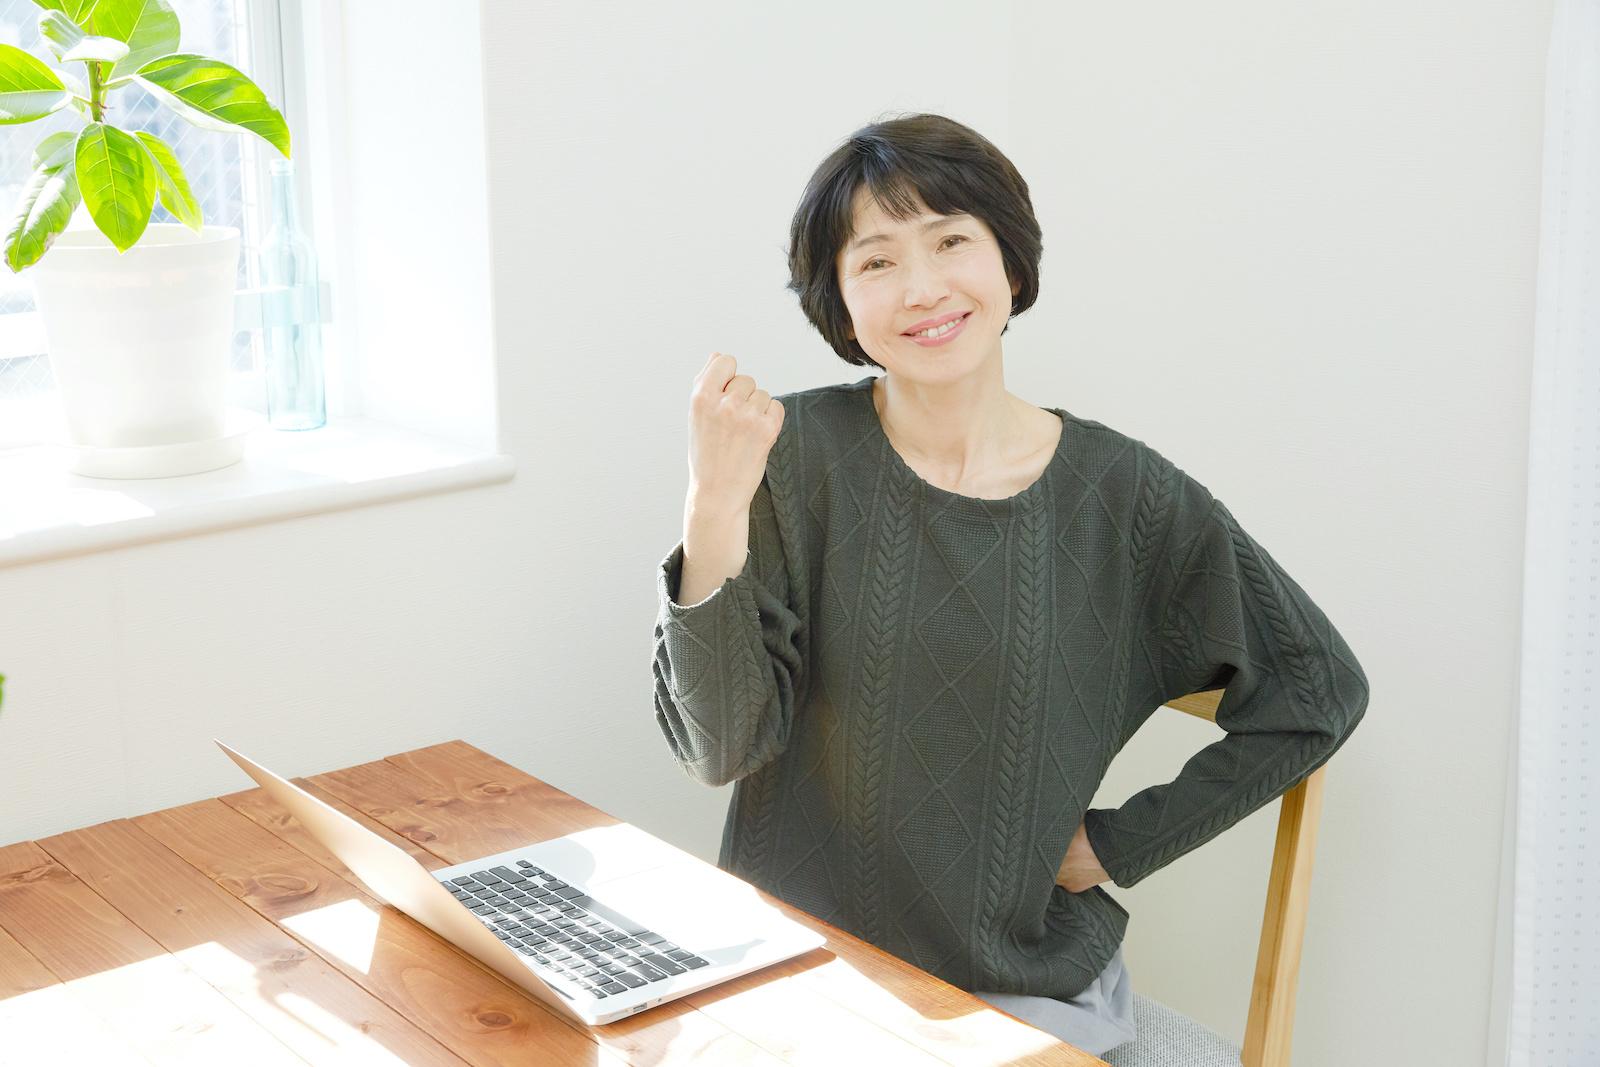 プログラミングを学ぶ40代女性